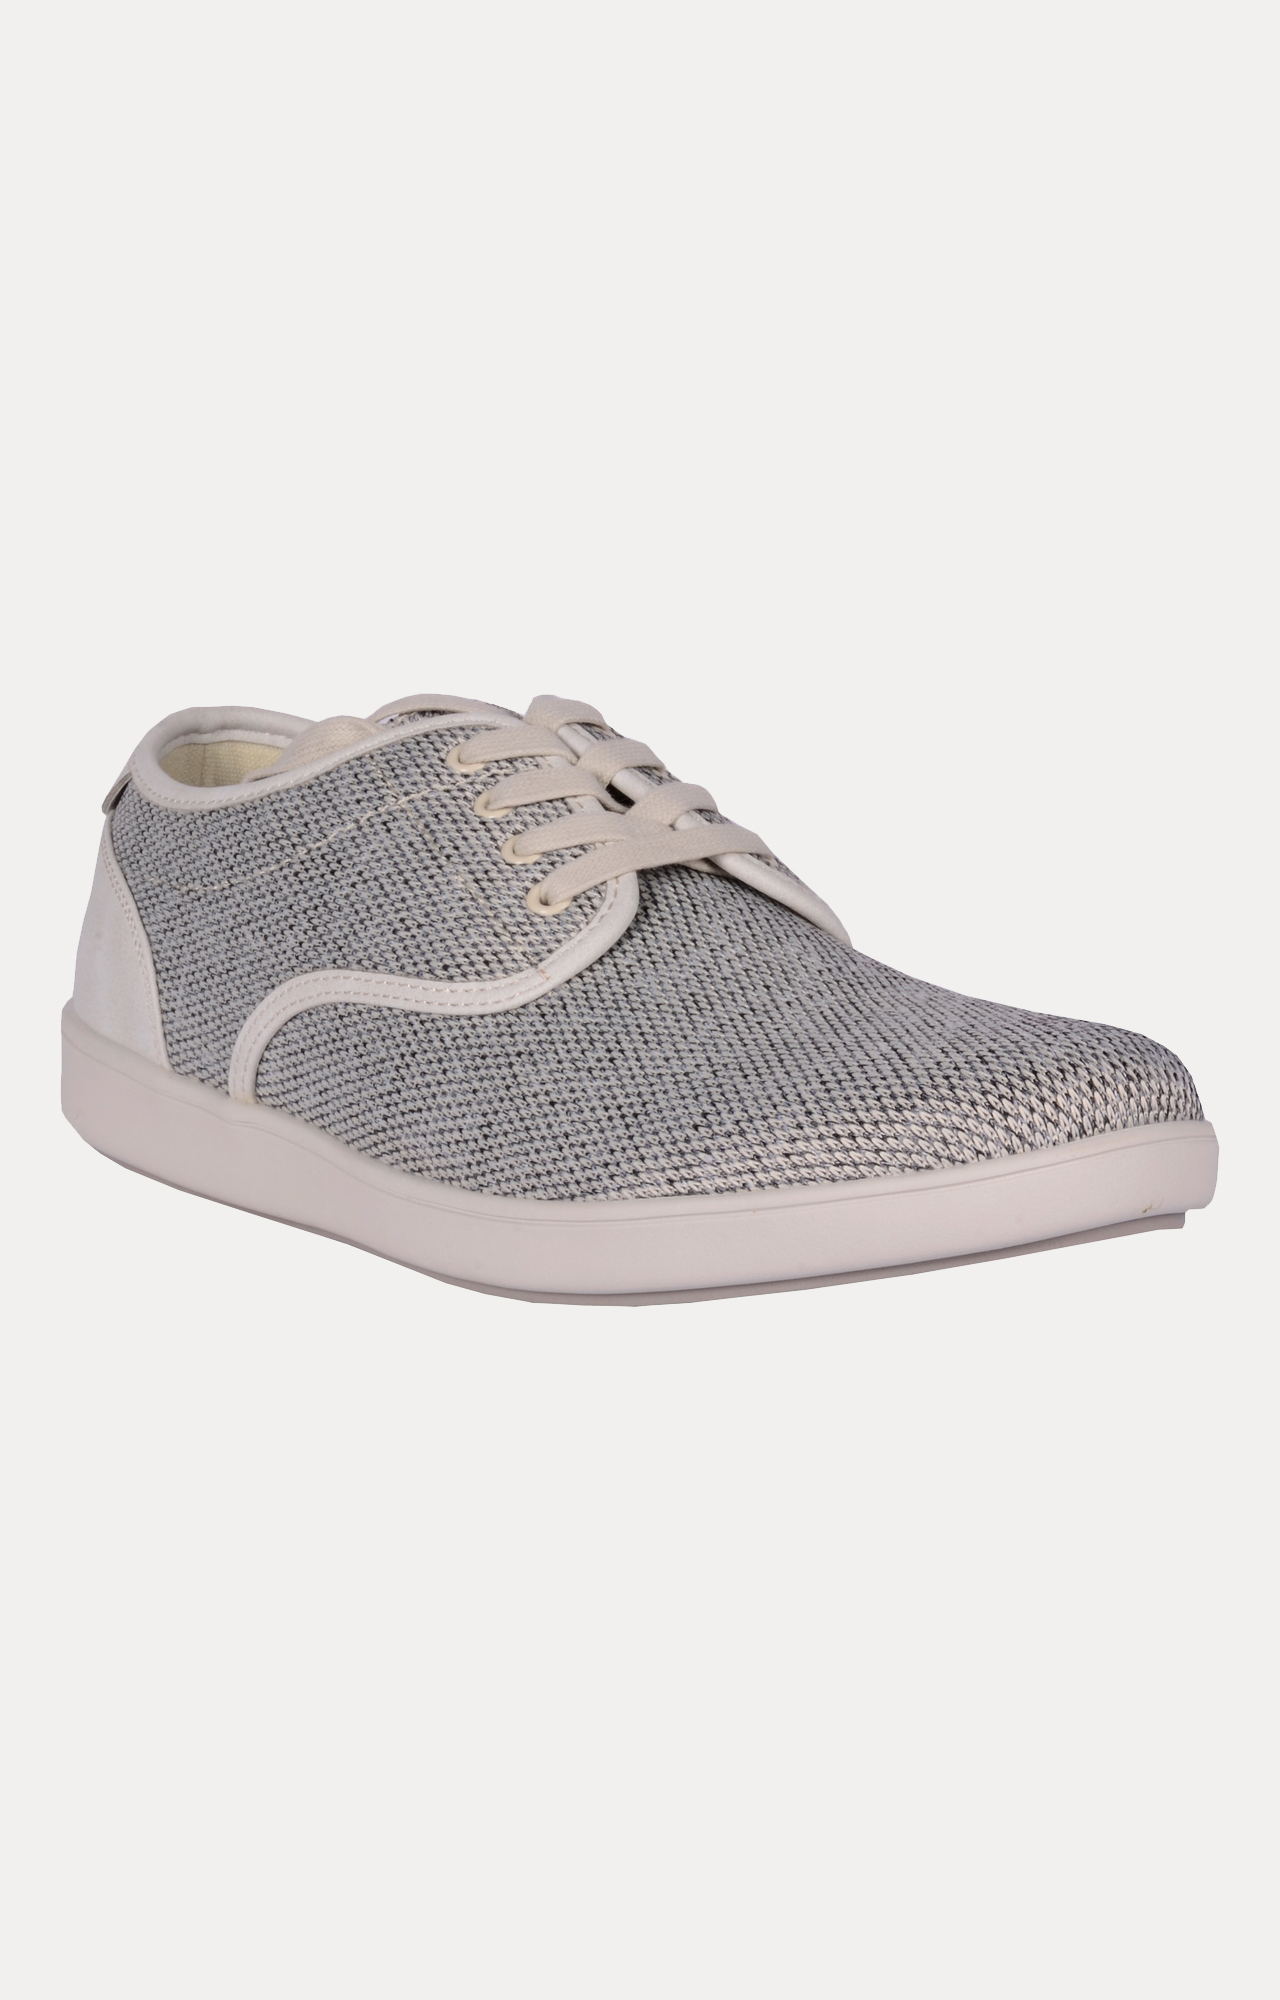 STEVE MADDEN | Off White Sneakers